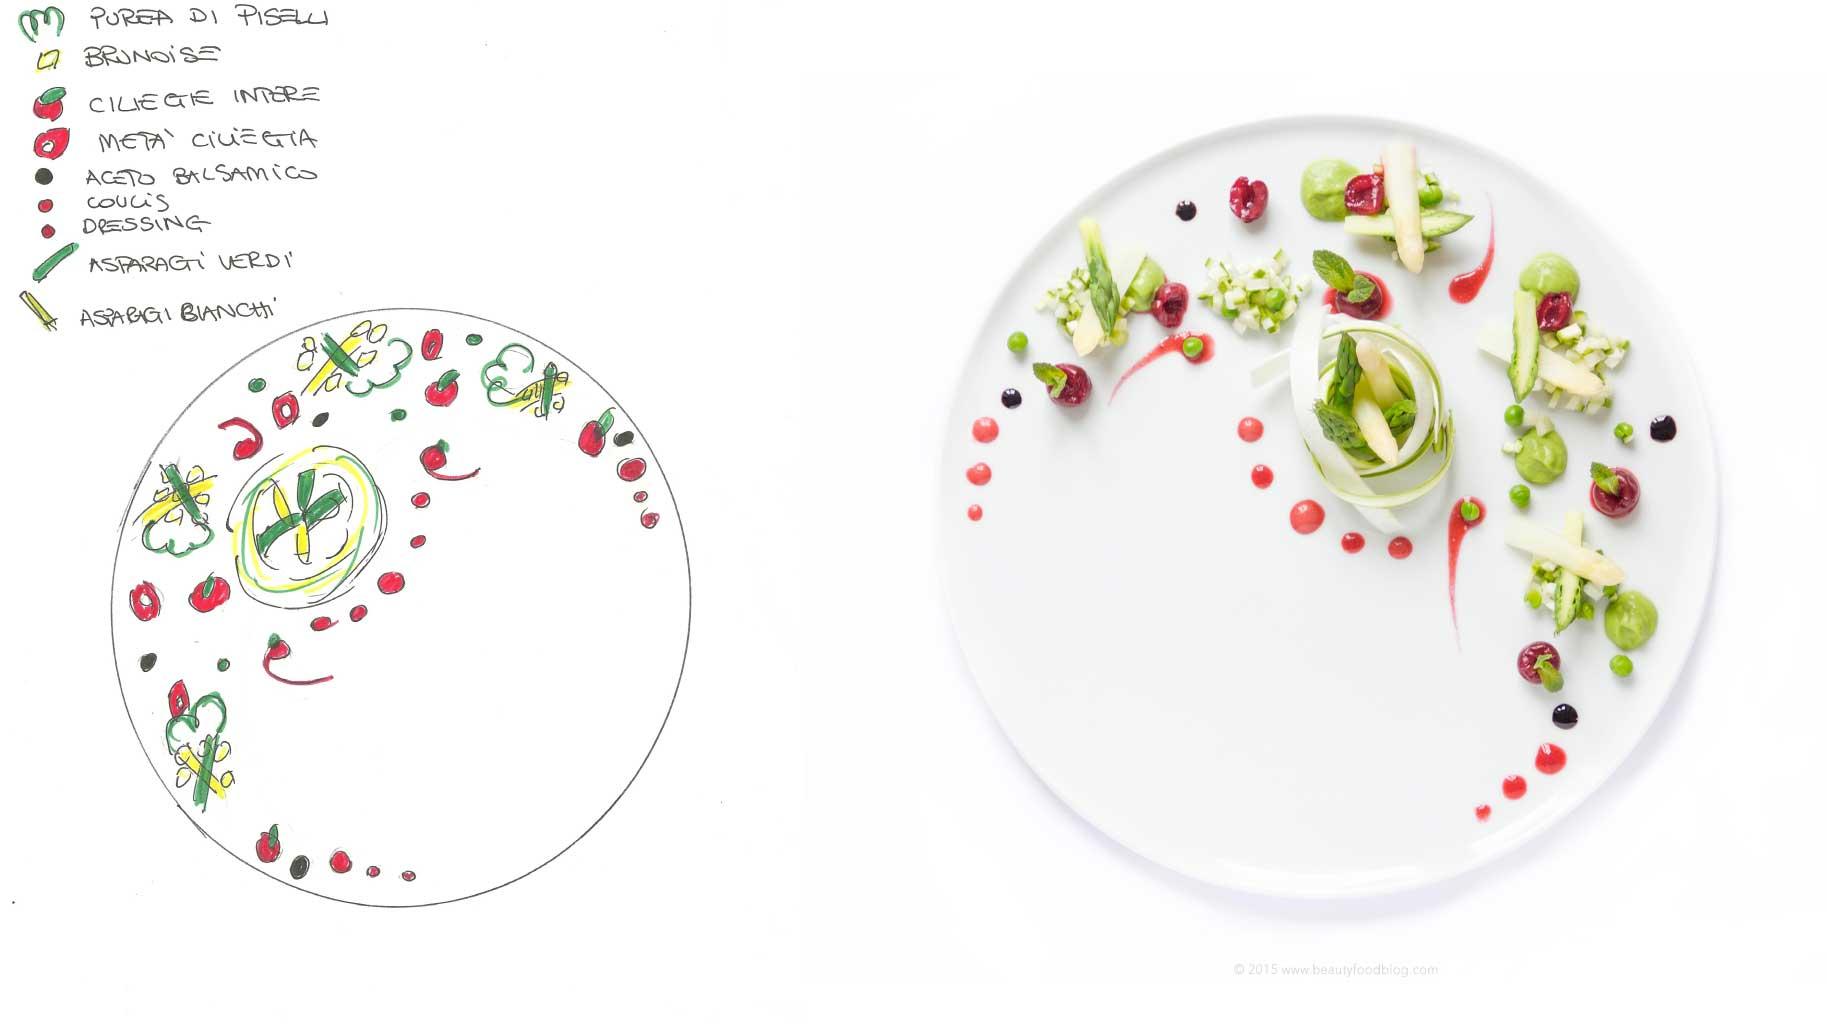 Impiattamento per contest Taste&More realizzato dalla food blogger Francesca Bettoni del blog Beauty Food Blog